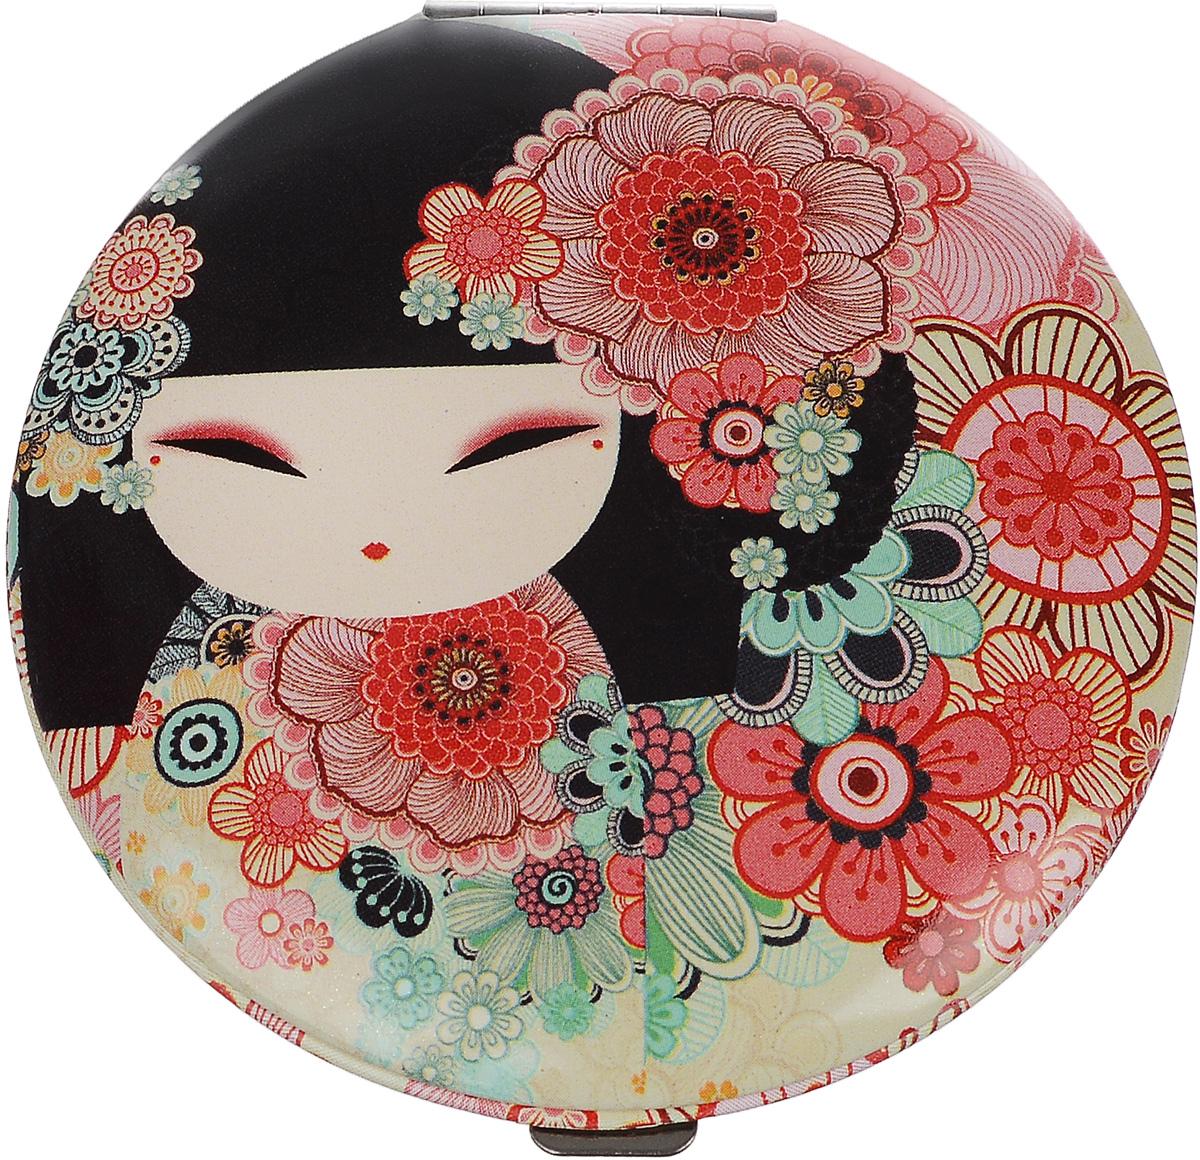 Зеркало карманное Kimmidoll Тамако (Совершенство). KF1083KF1083Изящное зеркало Kimmidoll Тамако (Совершенство) выполнено в круглом металлическом корпусе и декорировано изображением японской куколки. Внутри корпуса расположено два зеркальца - обычное и увеличивающее. Такое зеркало станет отличным подарком представительнице прекрасного пола, ведь даже самая маленькая дамская сумочка обязательно вместит в себя миниатюрное зеркальце - атрибут каждой модницы. Привет, меня зовут Тамако! Я талисман совершенства! Мной восхищаются и обожают. Ваша внутренняя красота и природное совершенство являются истинным проявлением моего удивительного духа. Пусть изысканность вашей души ярко светит в этом мире, чтобы все смогли насладиться её прекрасным светом.